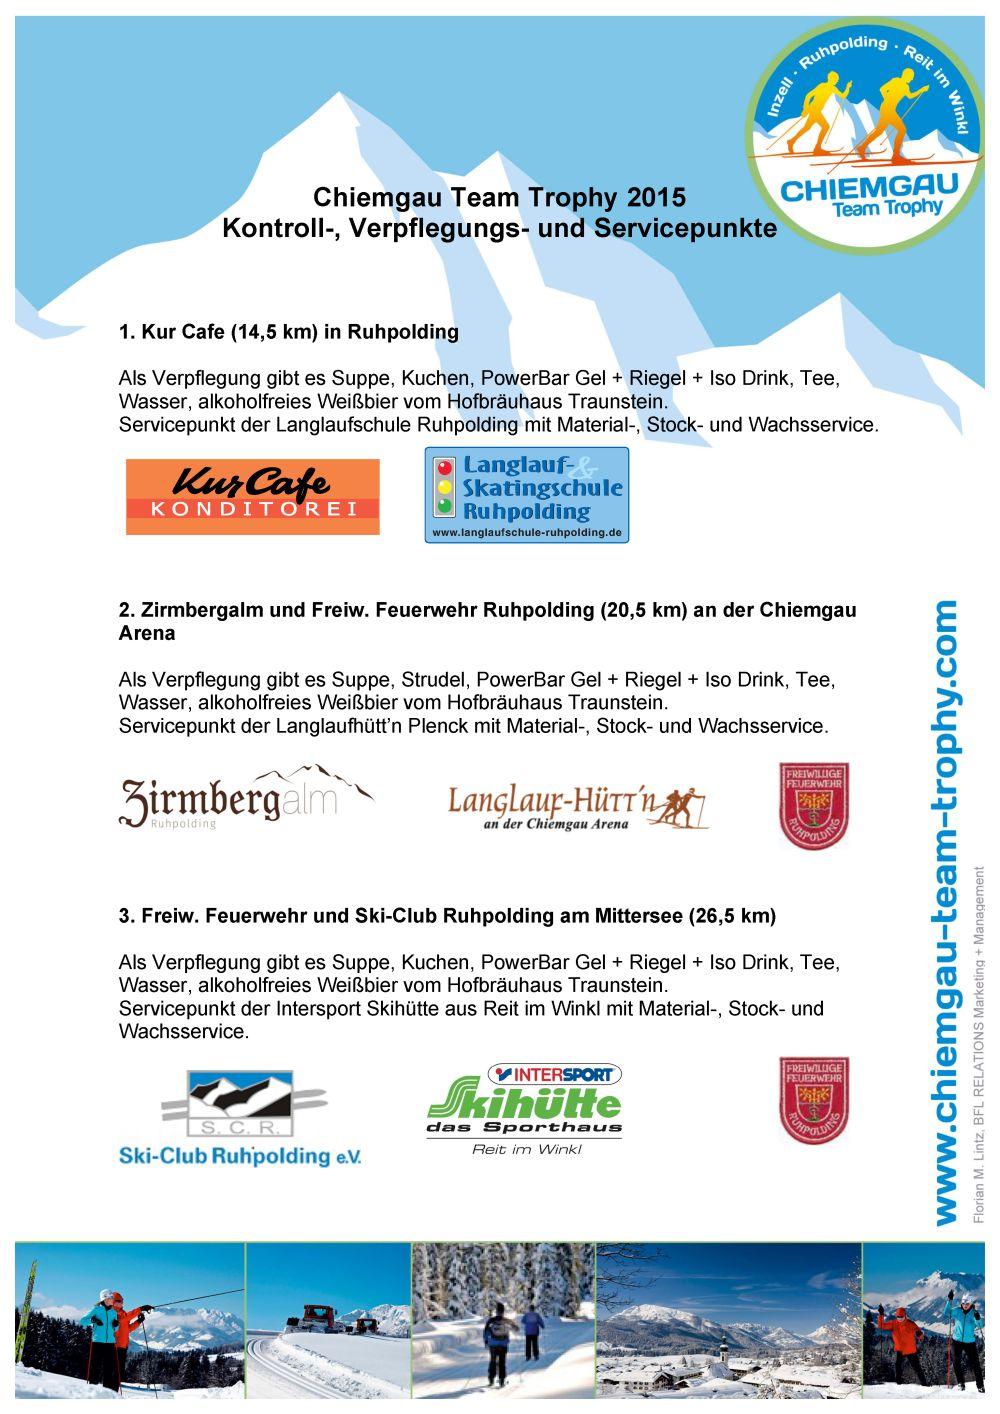 Kontroll-, Verpflegungs- und Servicepunkte zur Chiemgau Team Trophy-1_Seite_1